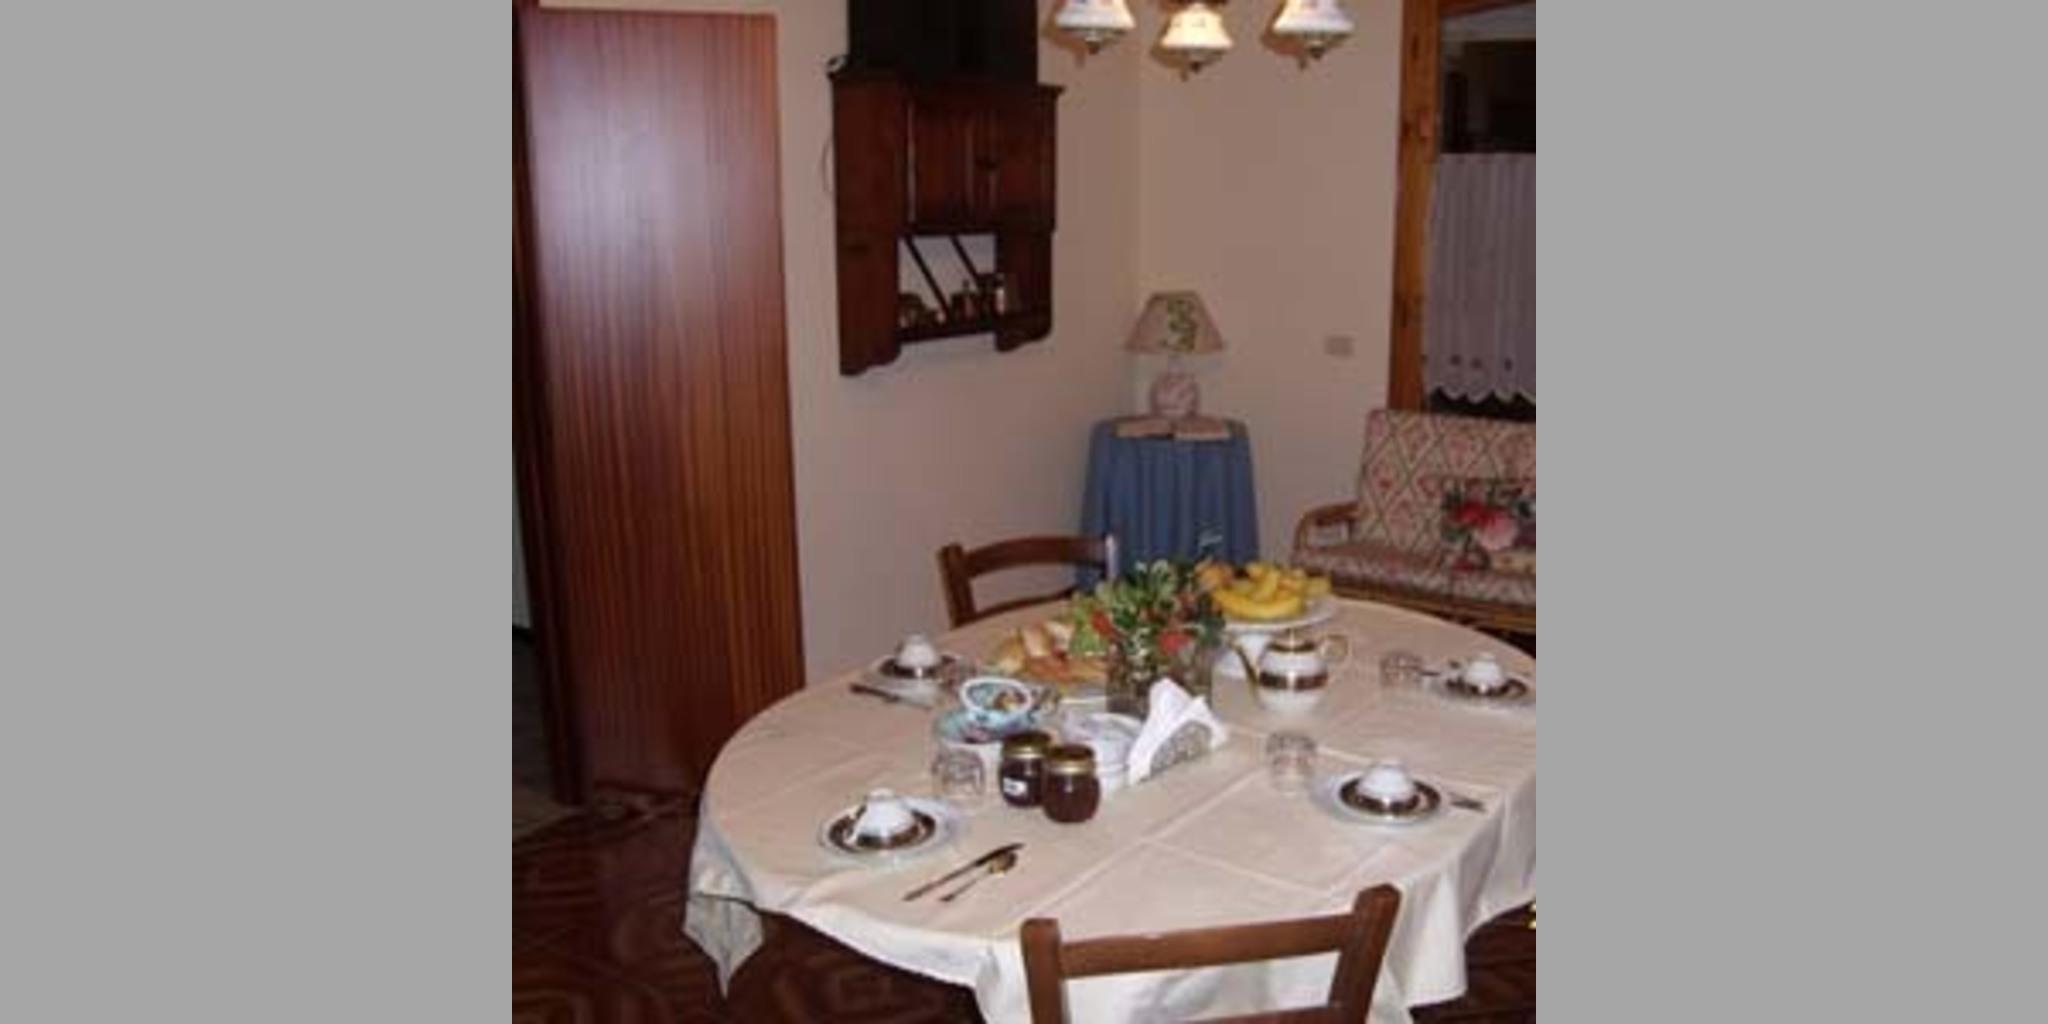 Bed & Breakfast Mercato Saraceno - Saraceno_